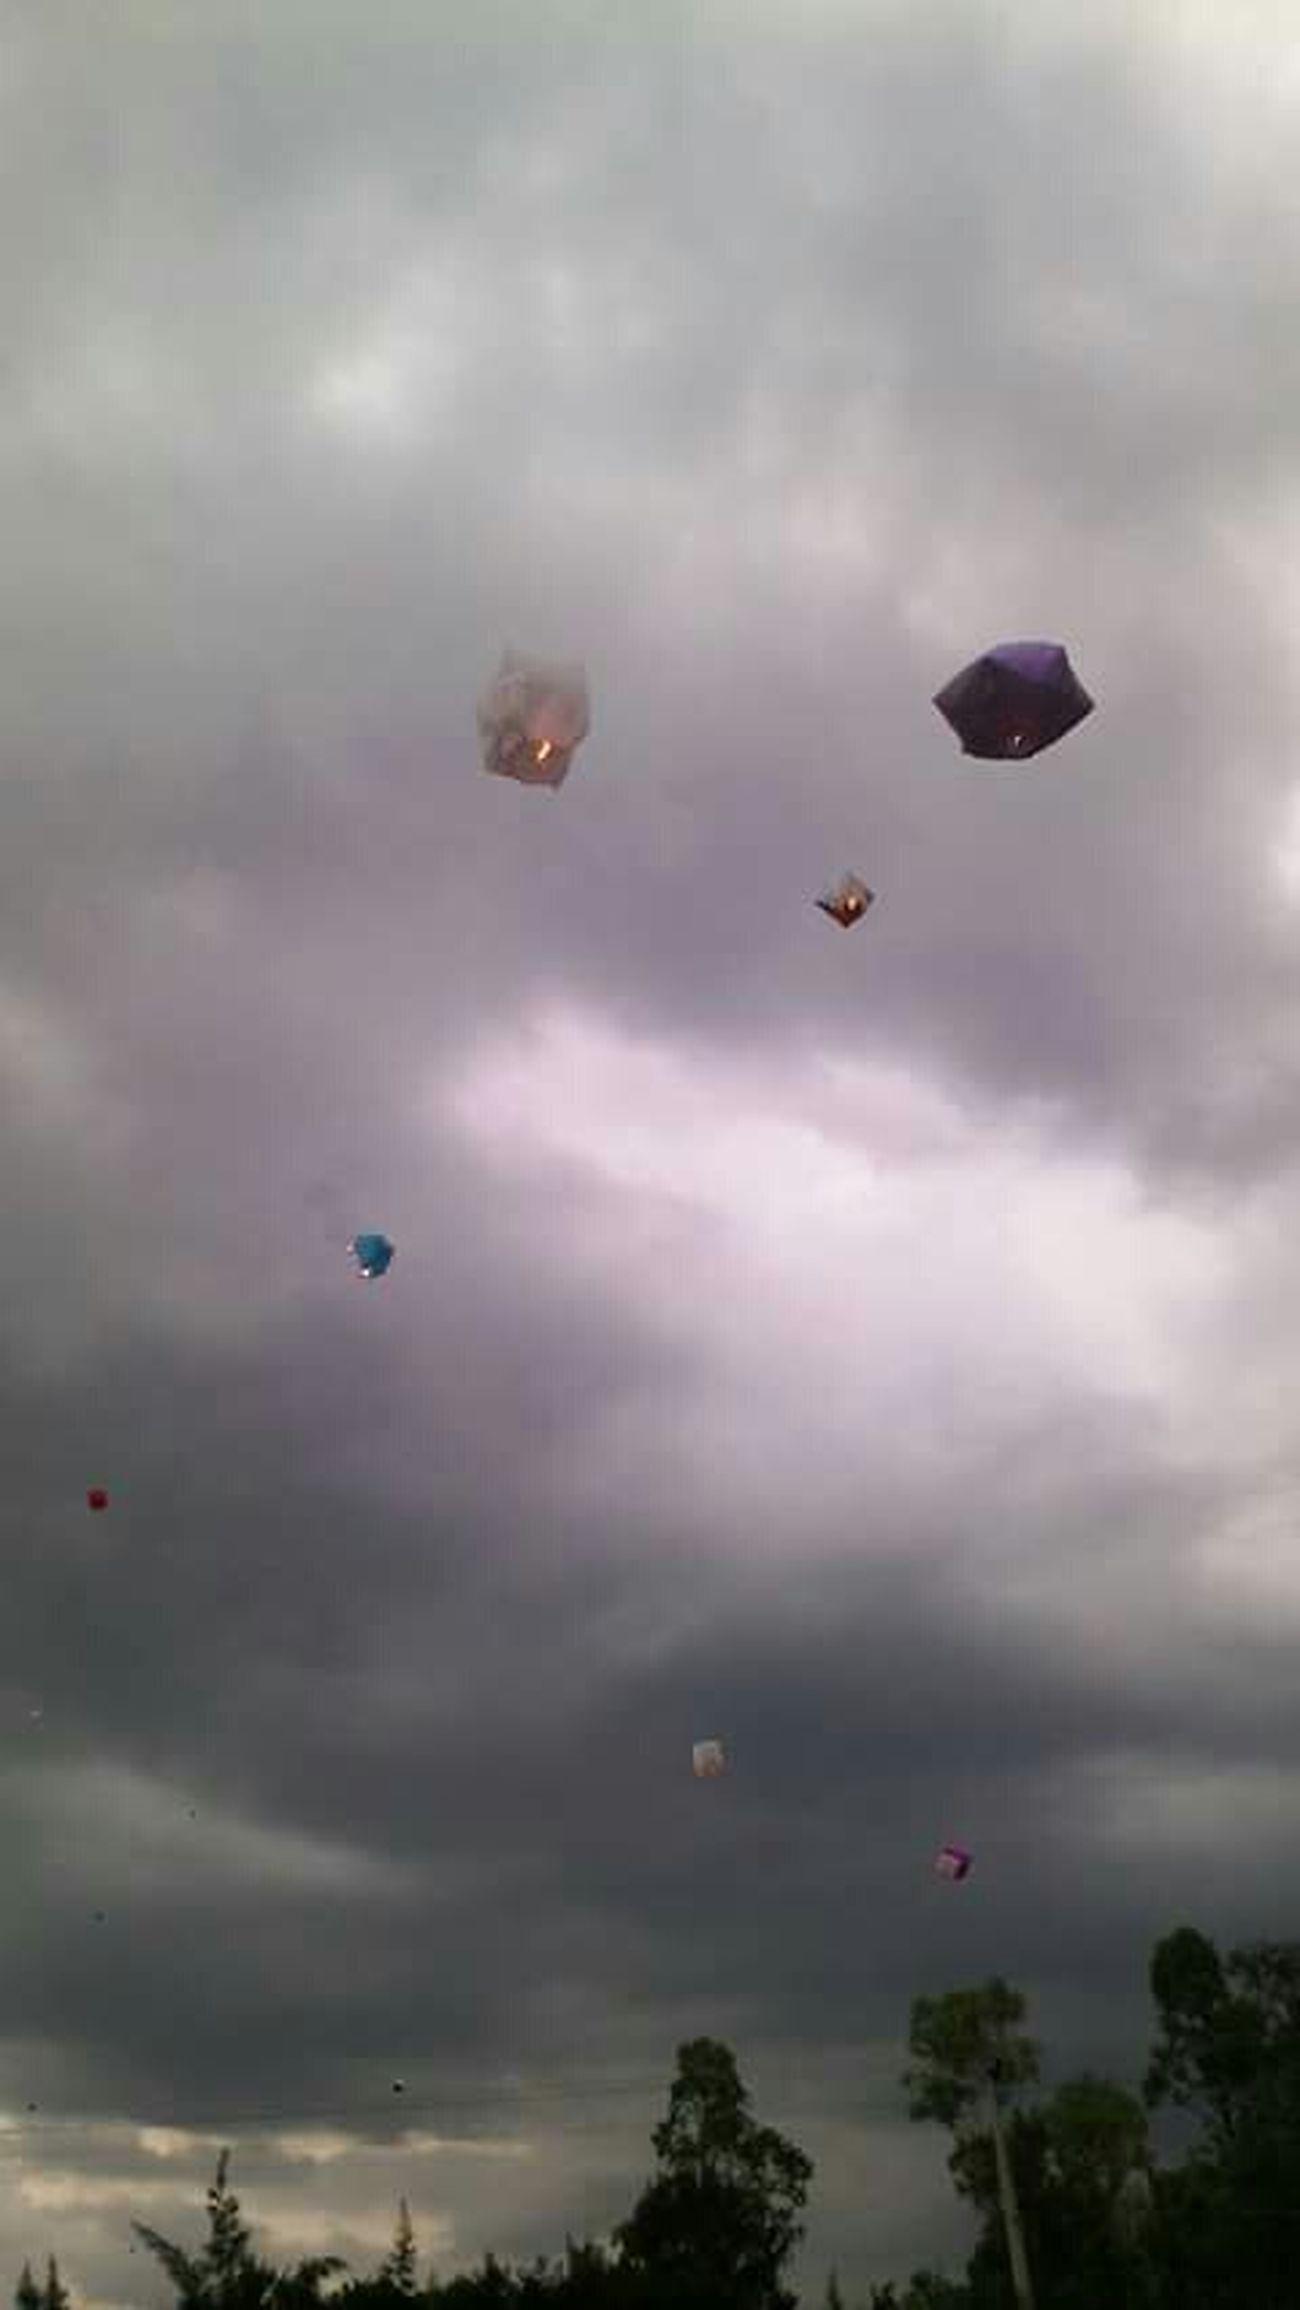 En El Aire Globos De Cantoya Todos Flotan Cielo Gris Mexico City Df ... Cloudy Sky All Float